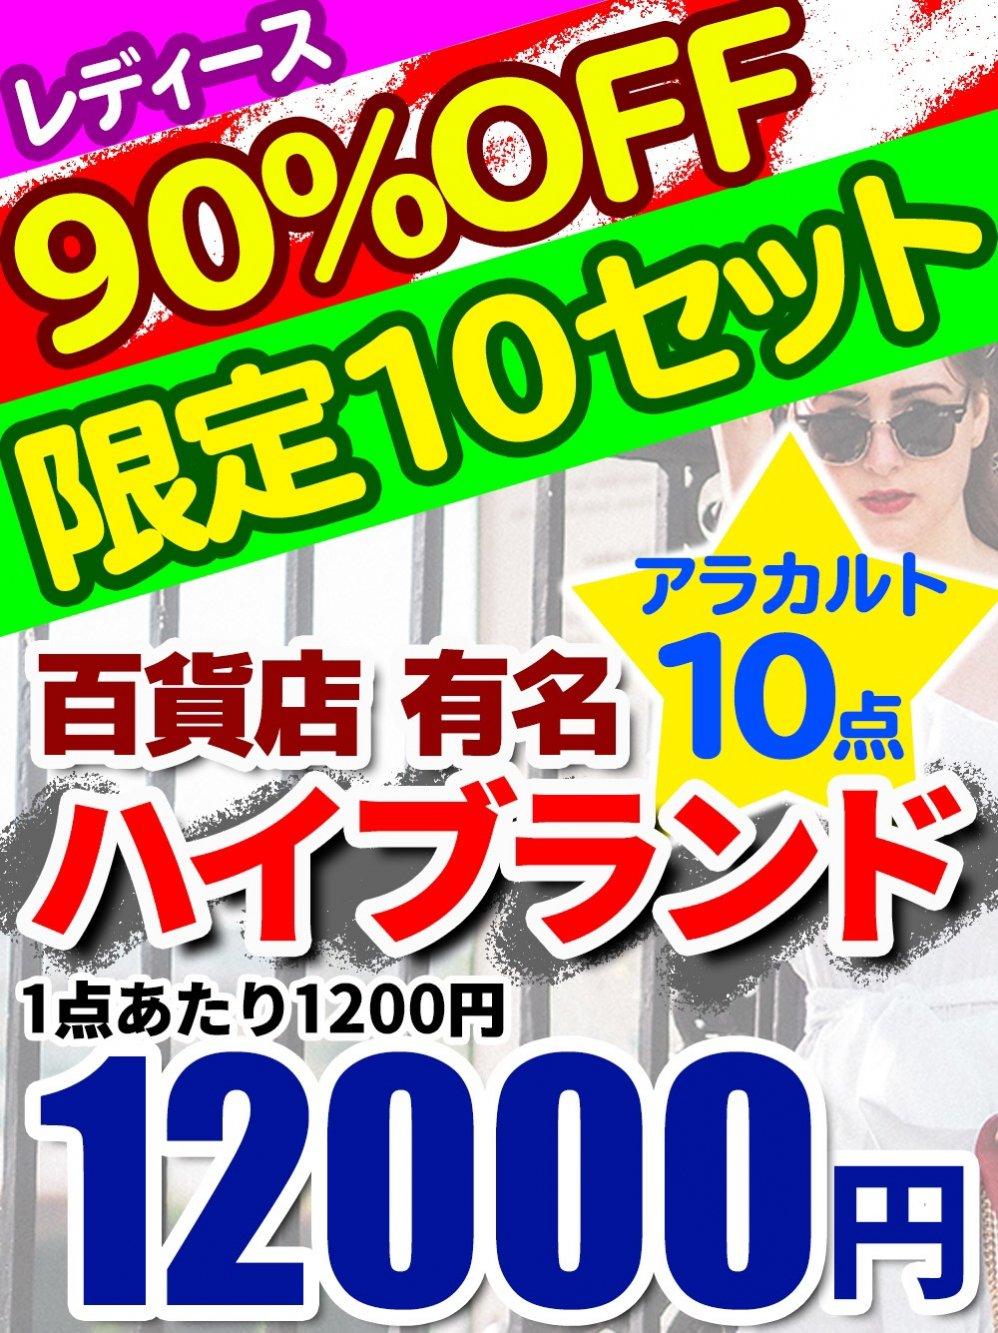 90%OFF【限定10セット】百貨店有名レディースハイブランドアラカルト【10点】@1200